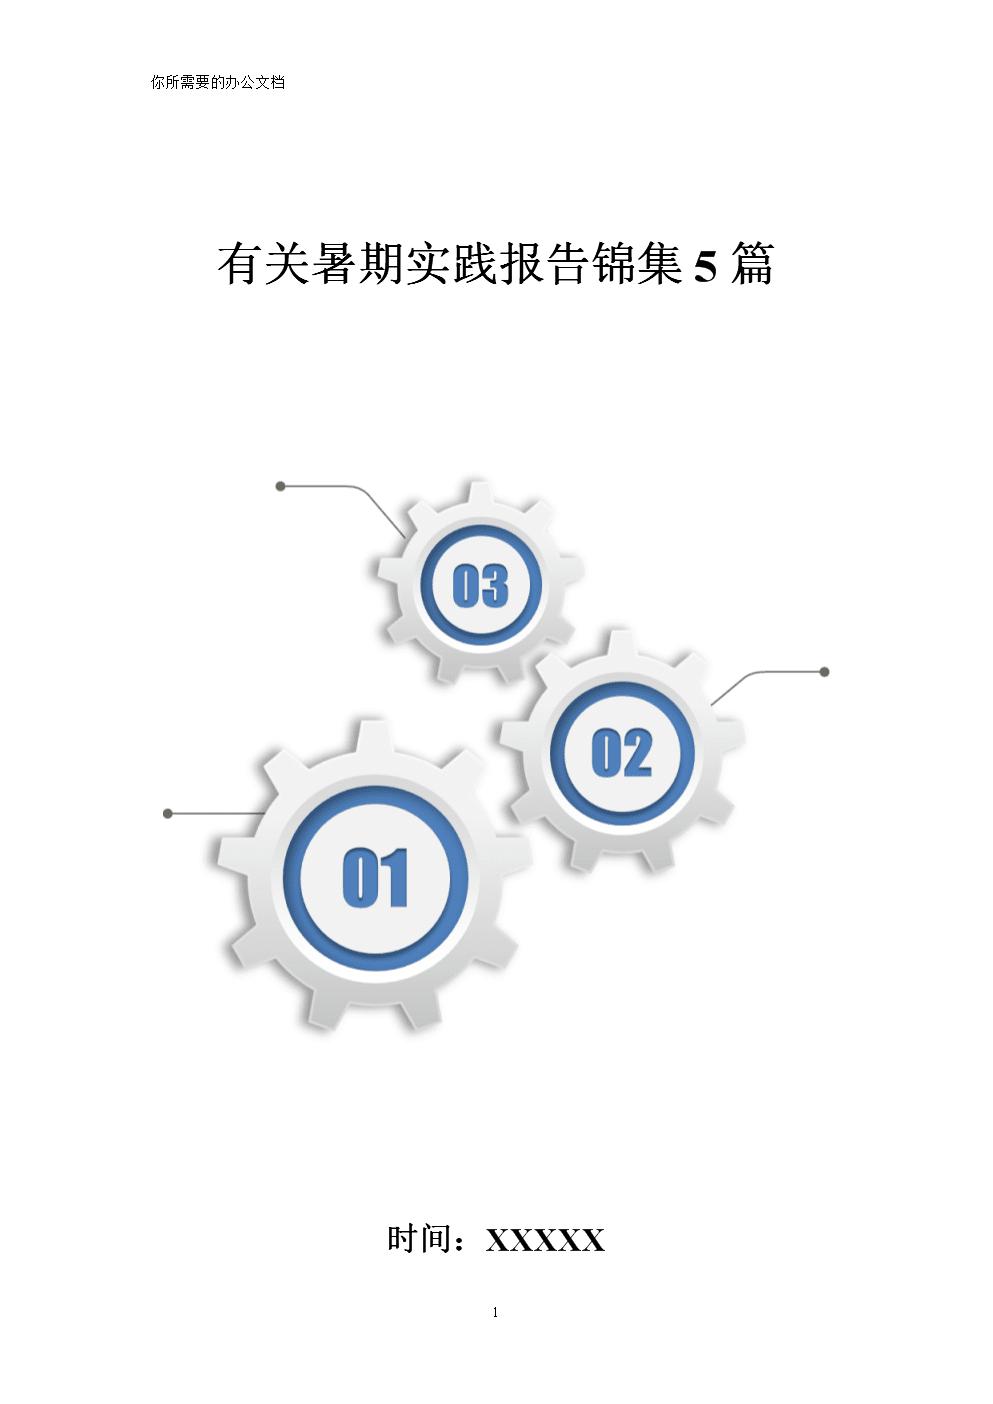 有关暑期实践报告锦集5篇.doc